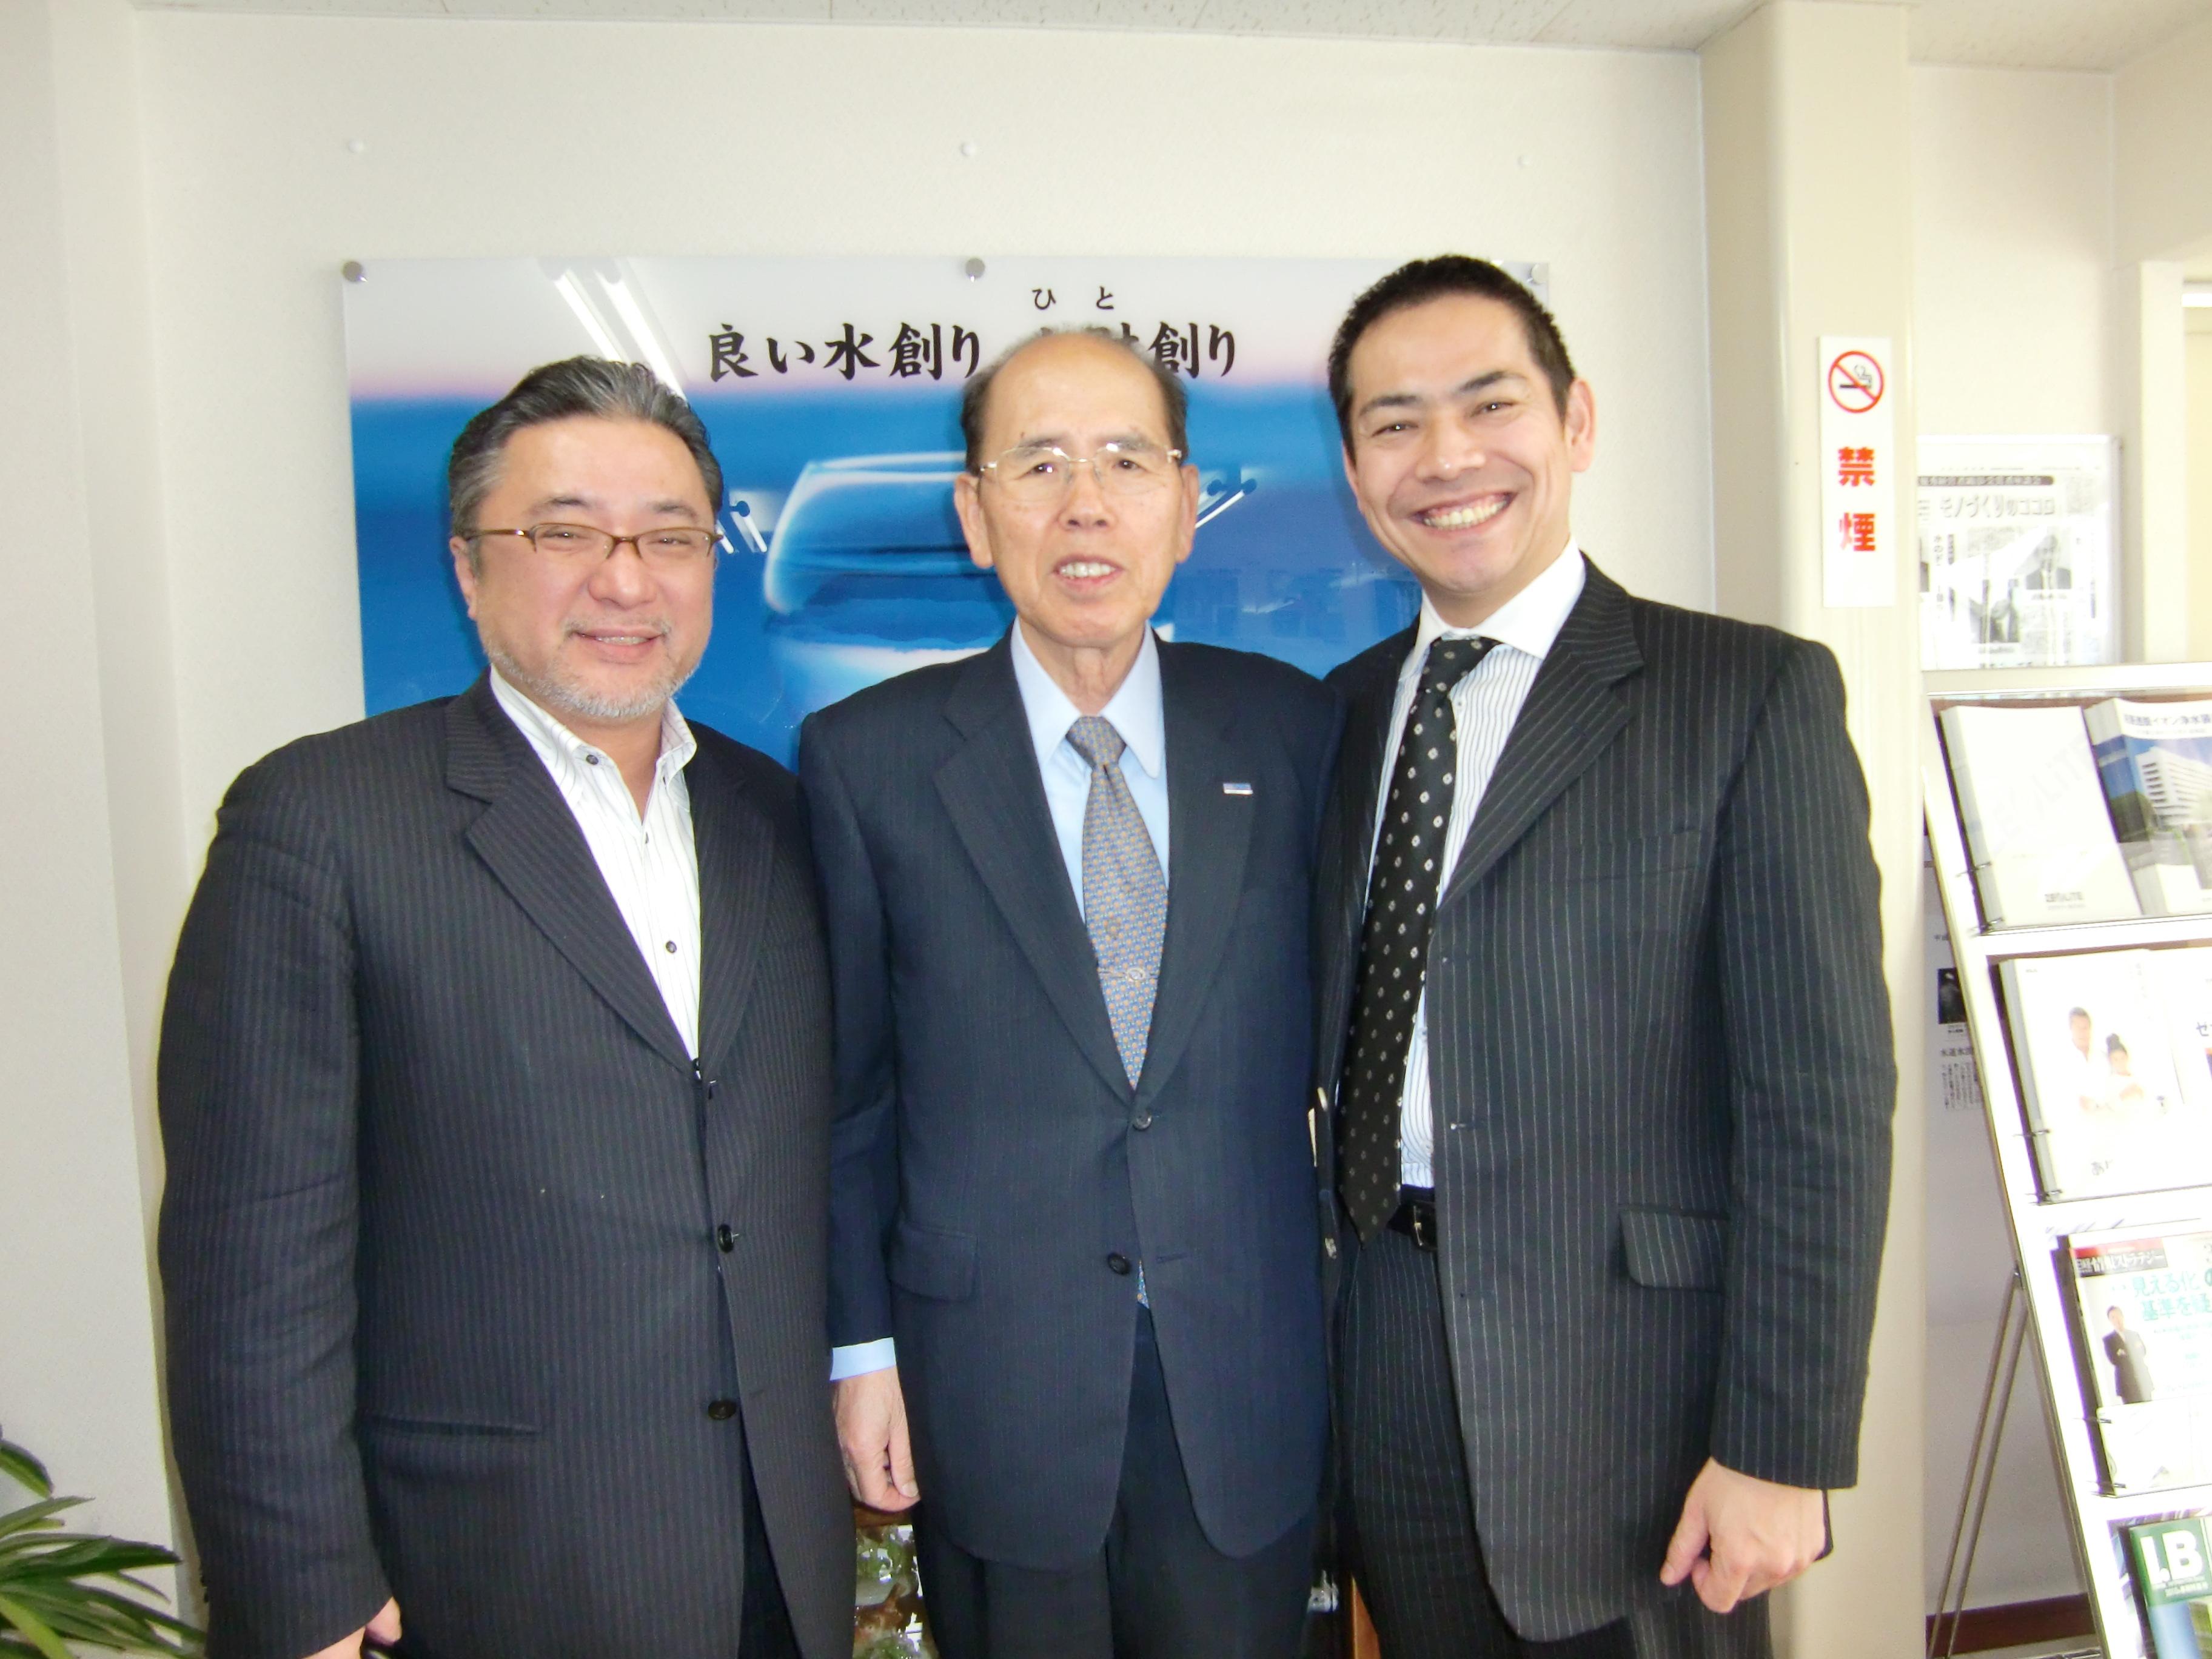 眞鍋さんと翌日ゼオライトさんに訪問しました。